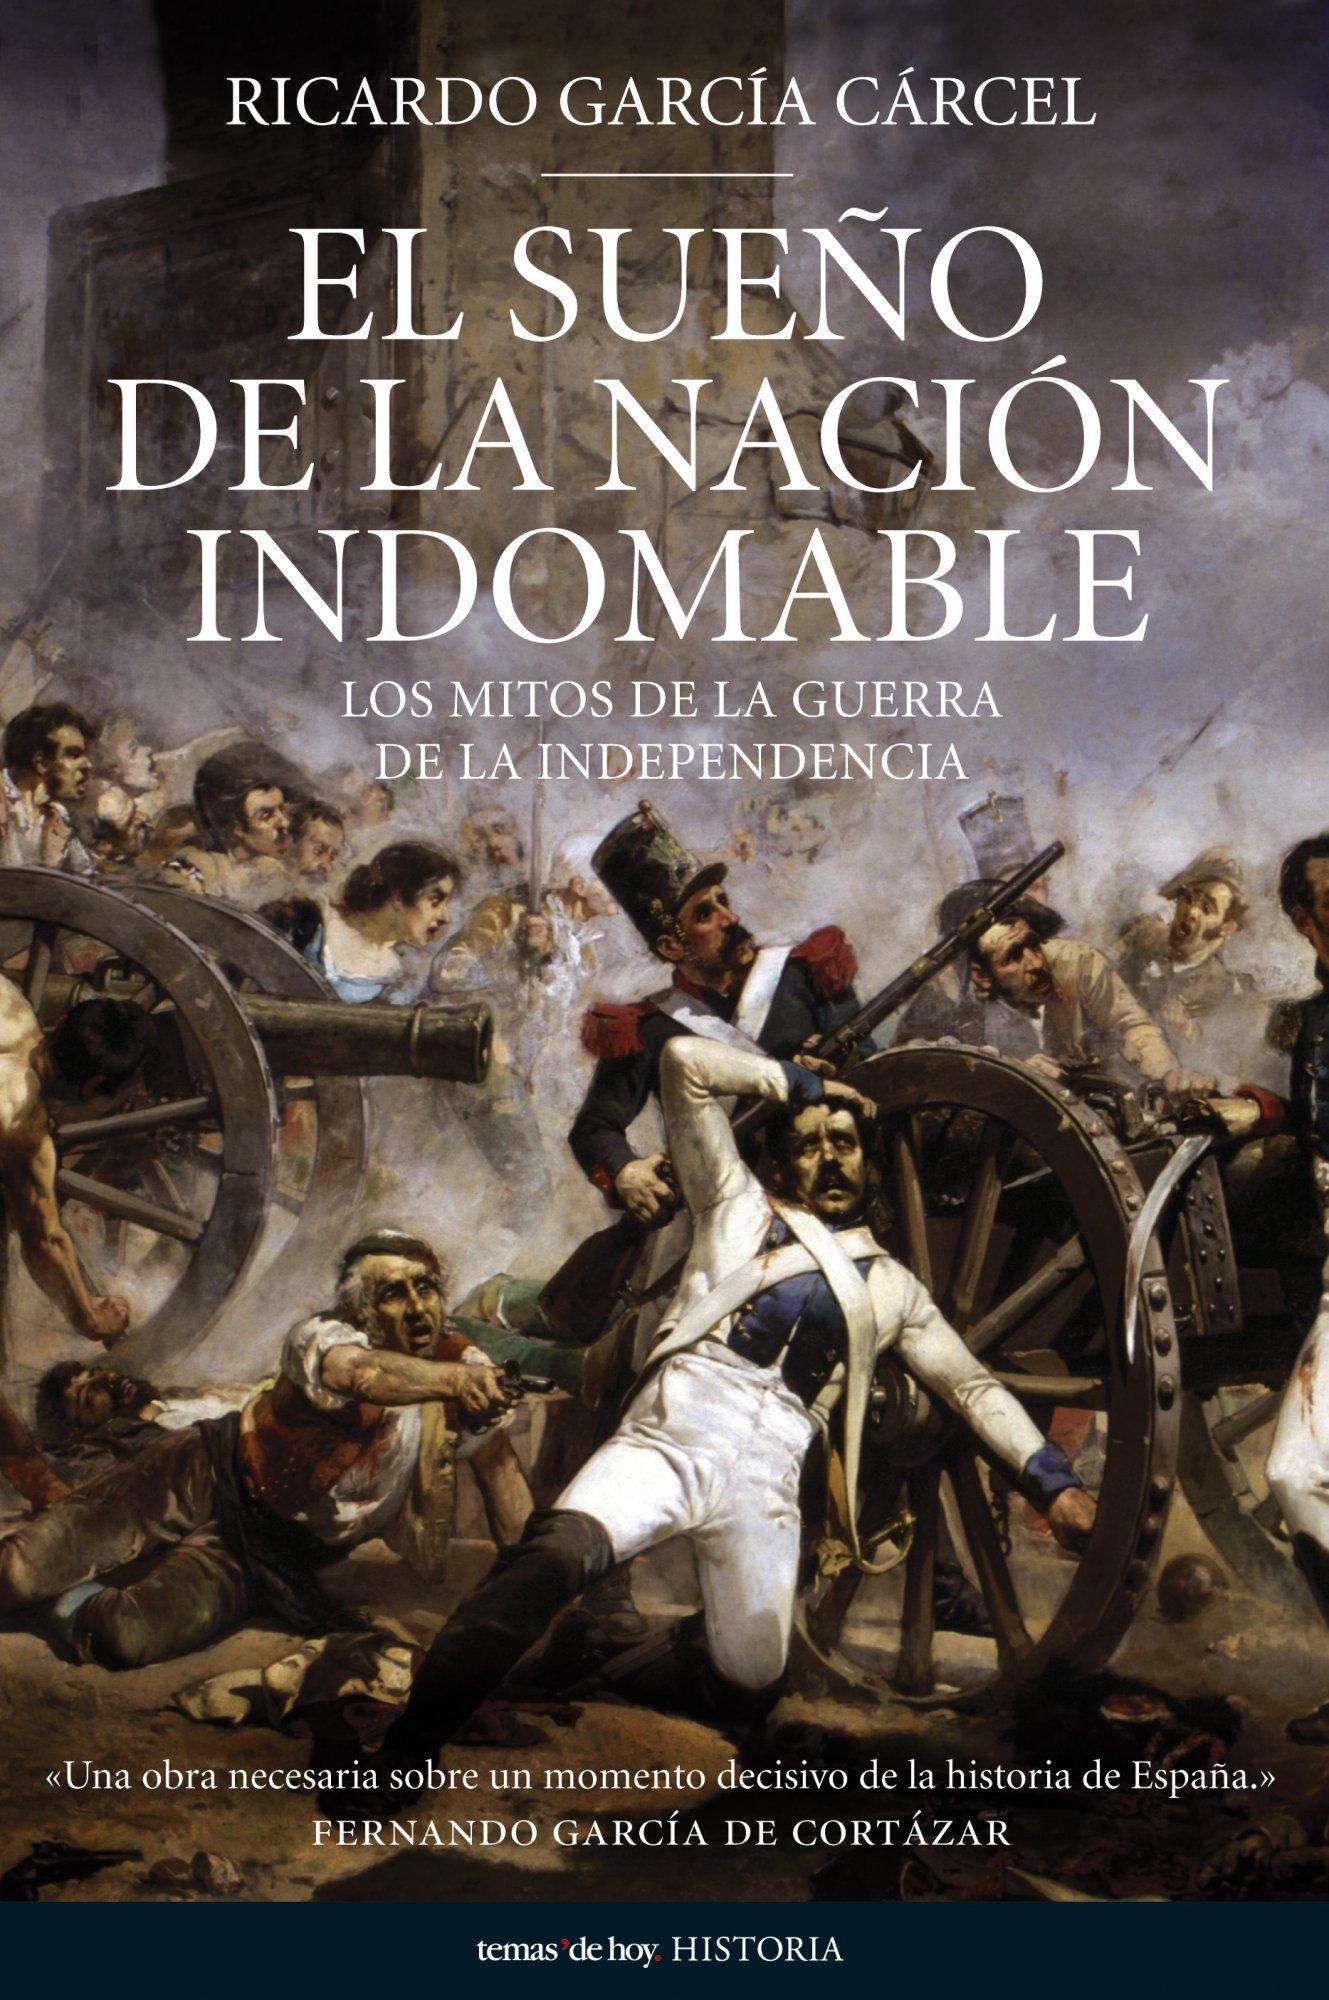 El sueño de la nación indomable (Historia): Amazon.es: García Cárcel, Ricardo: Libros